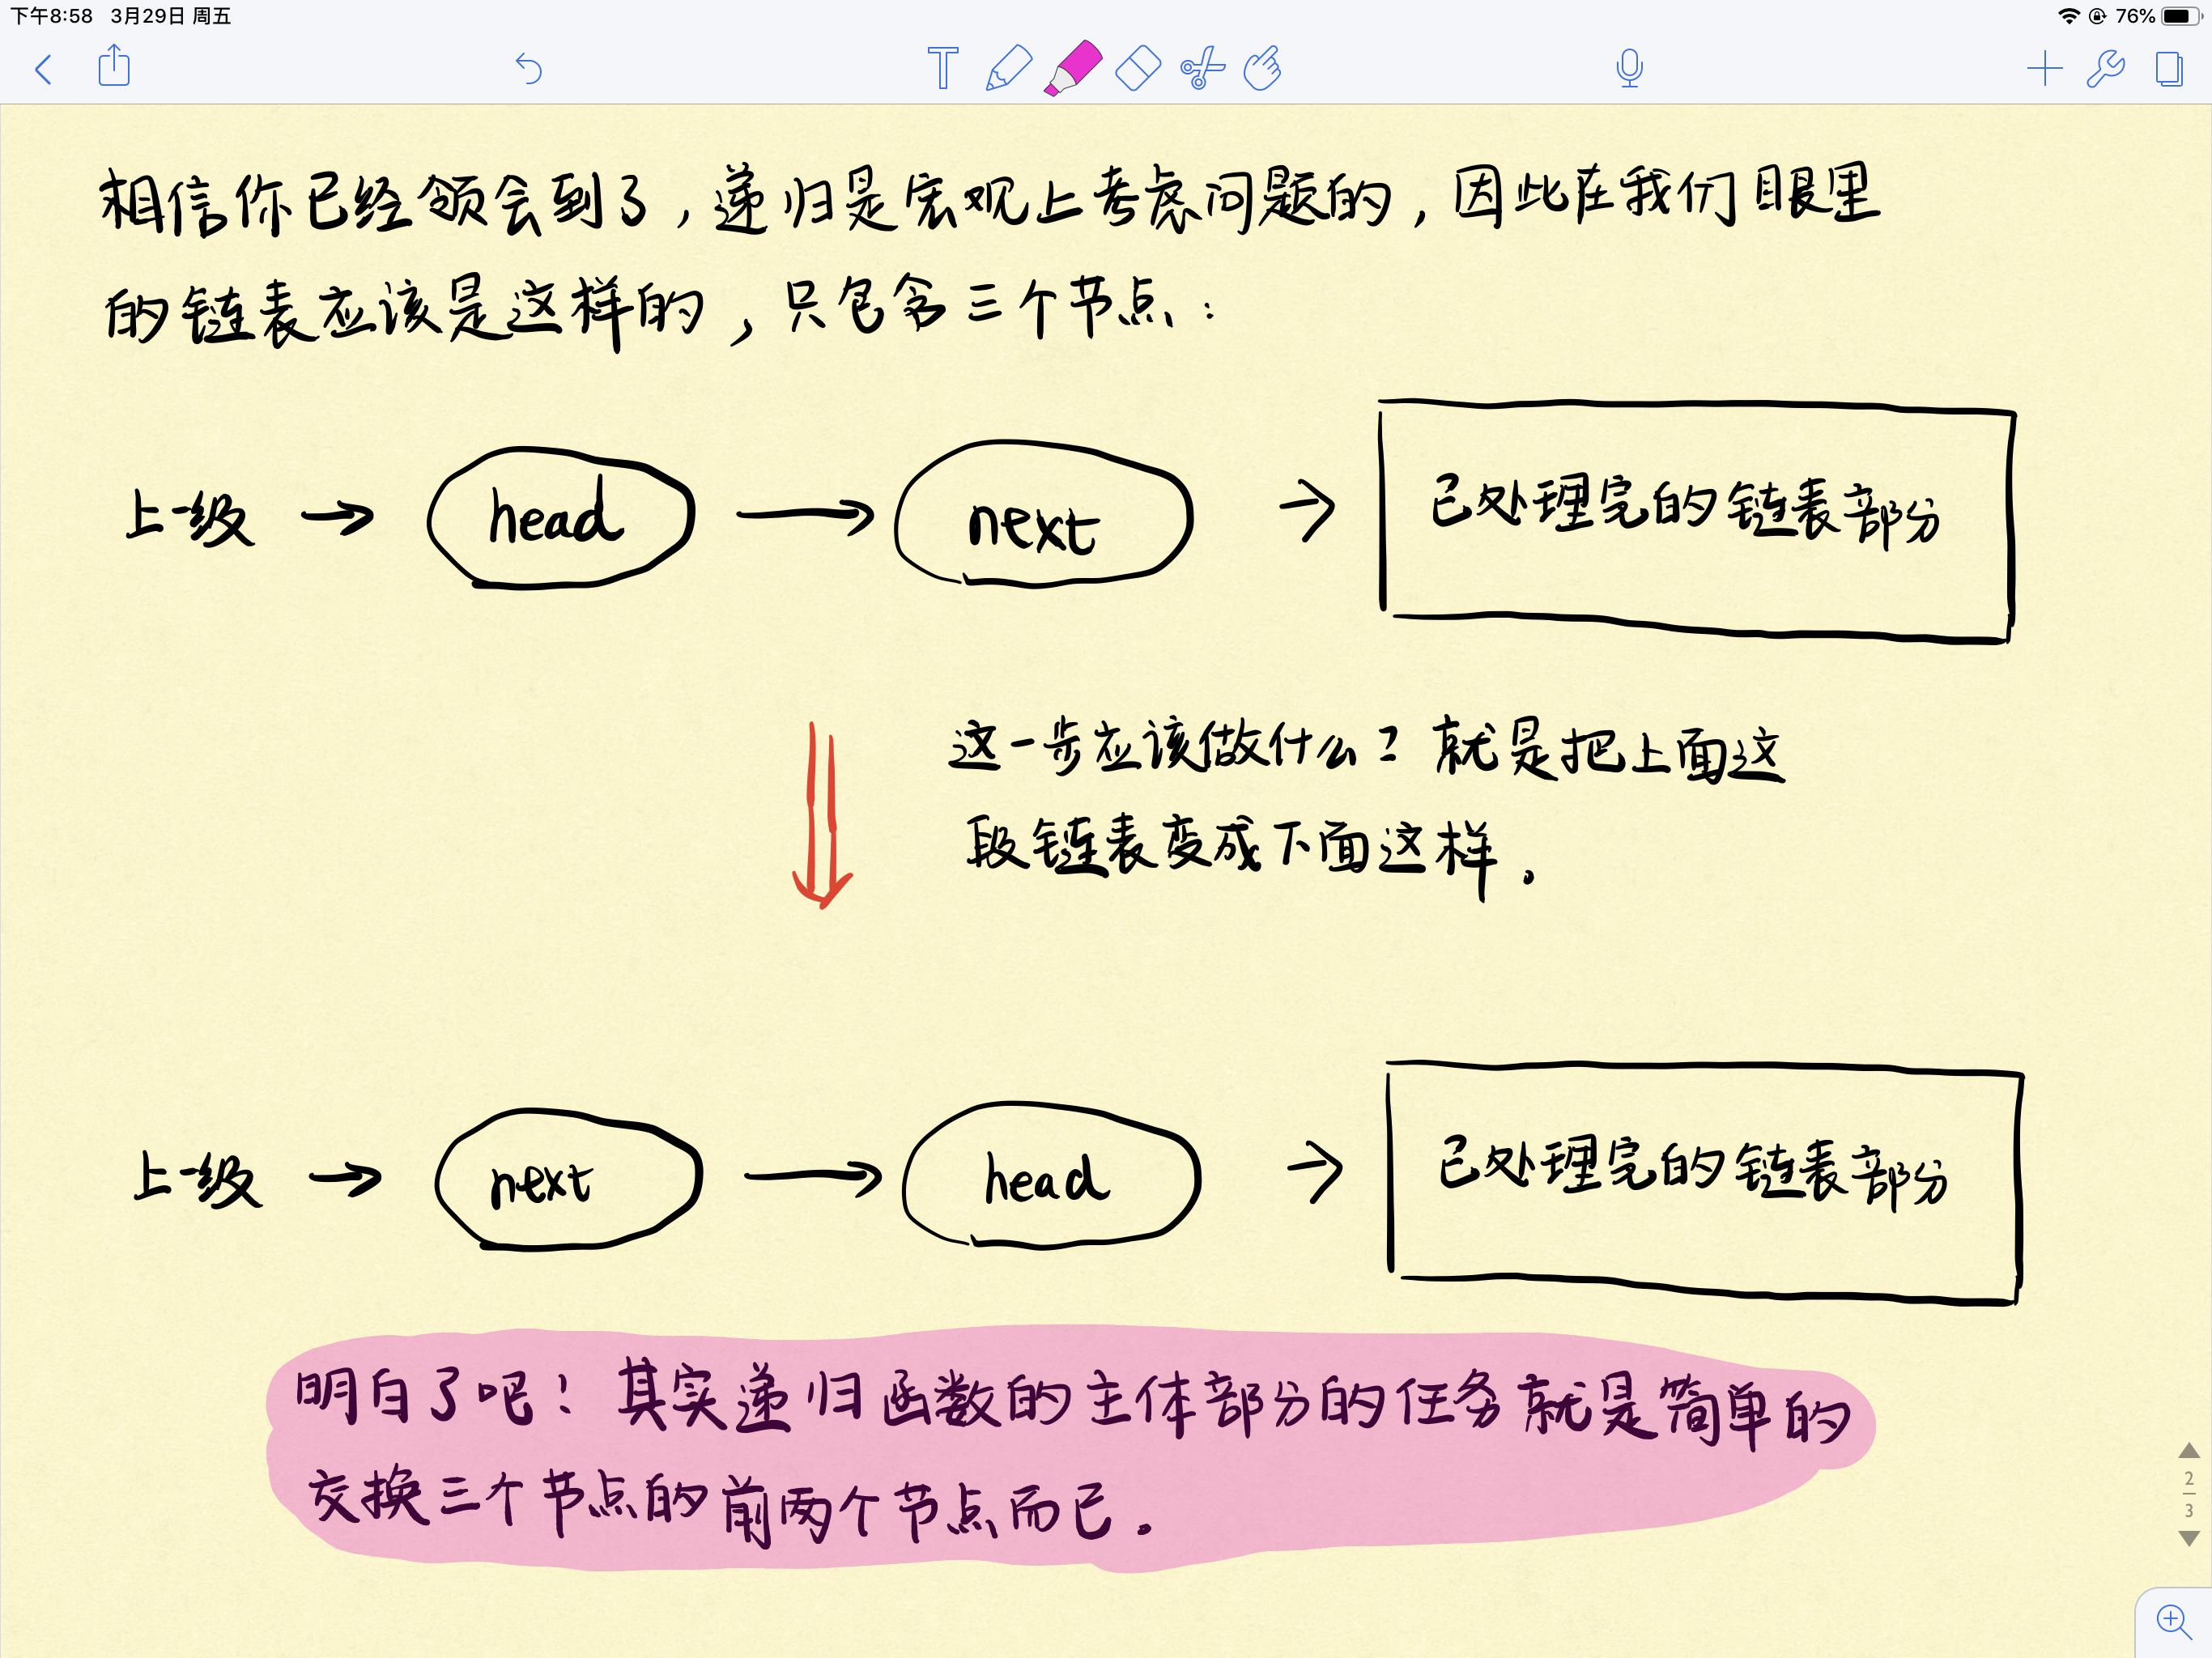 转载:三道题套路解决递归问题